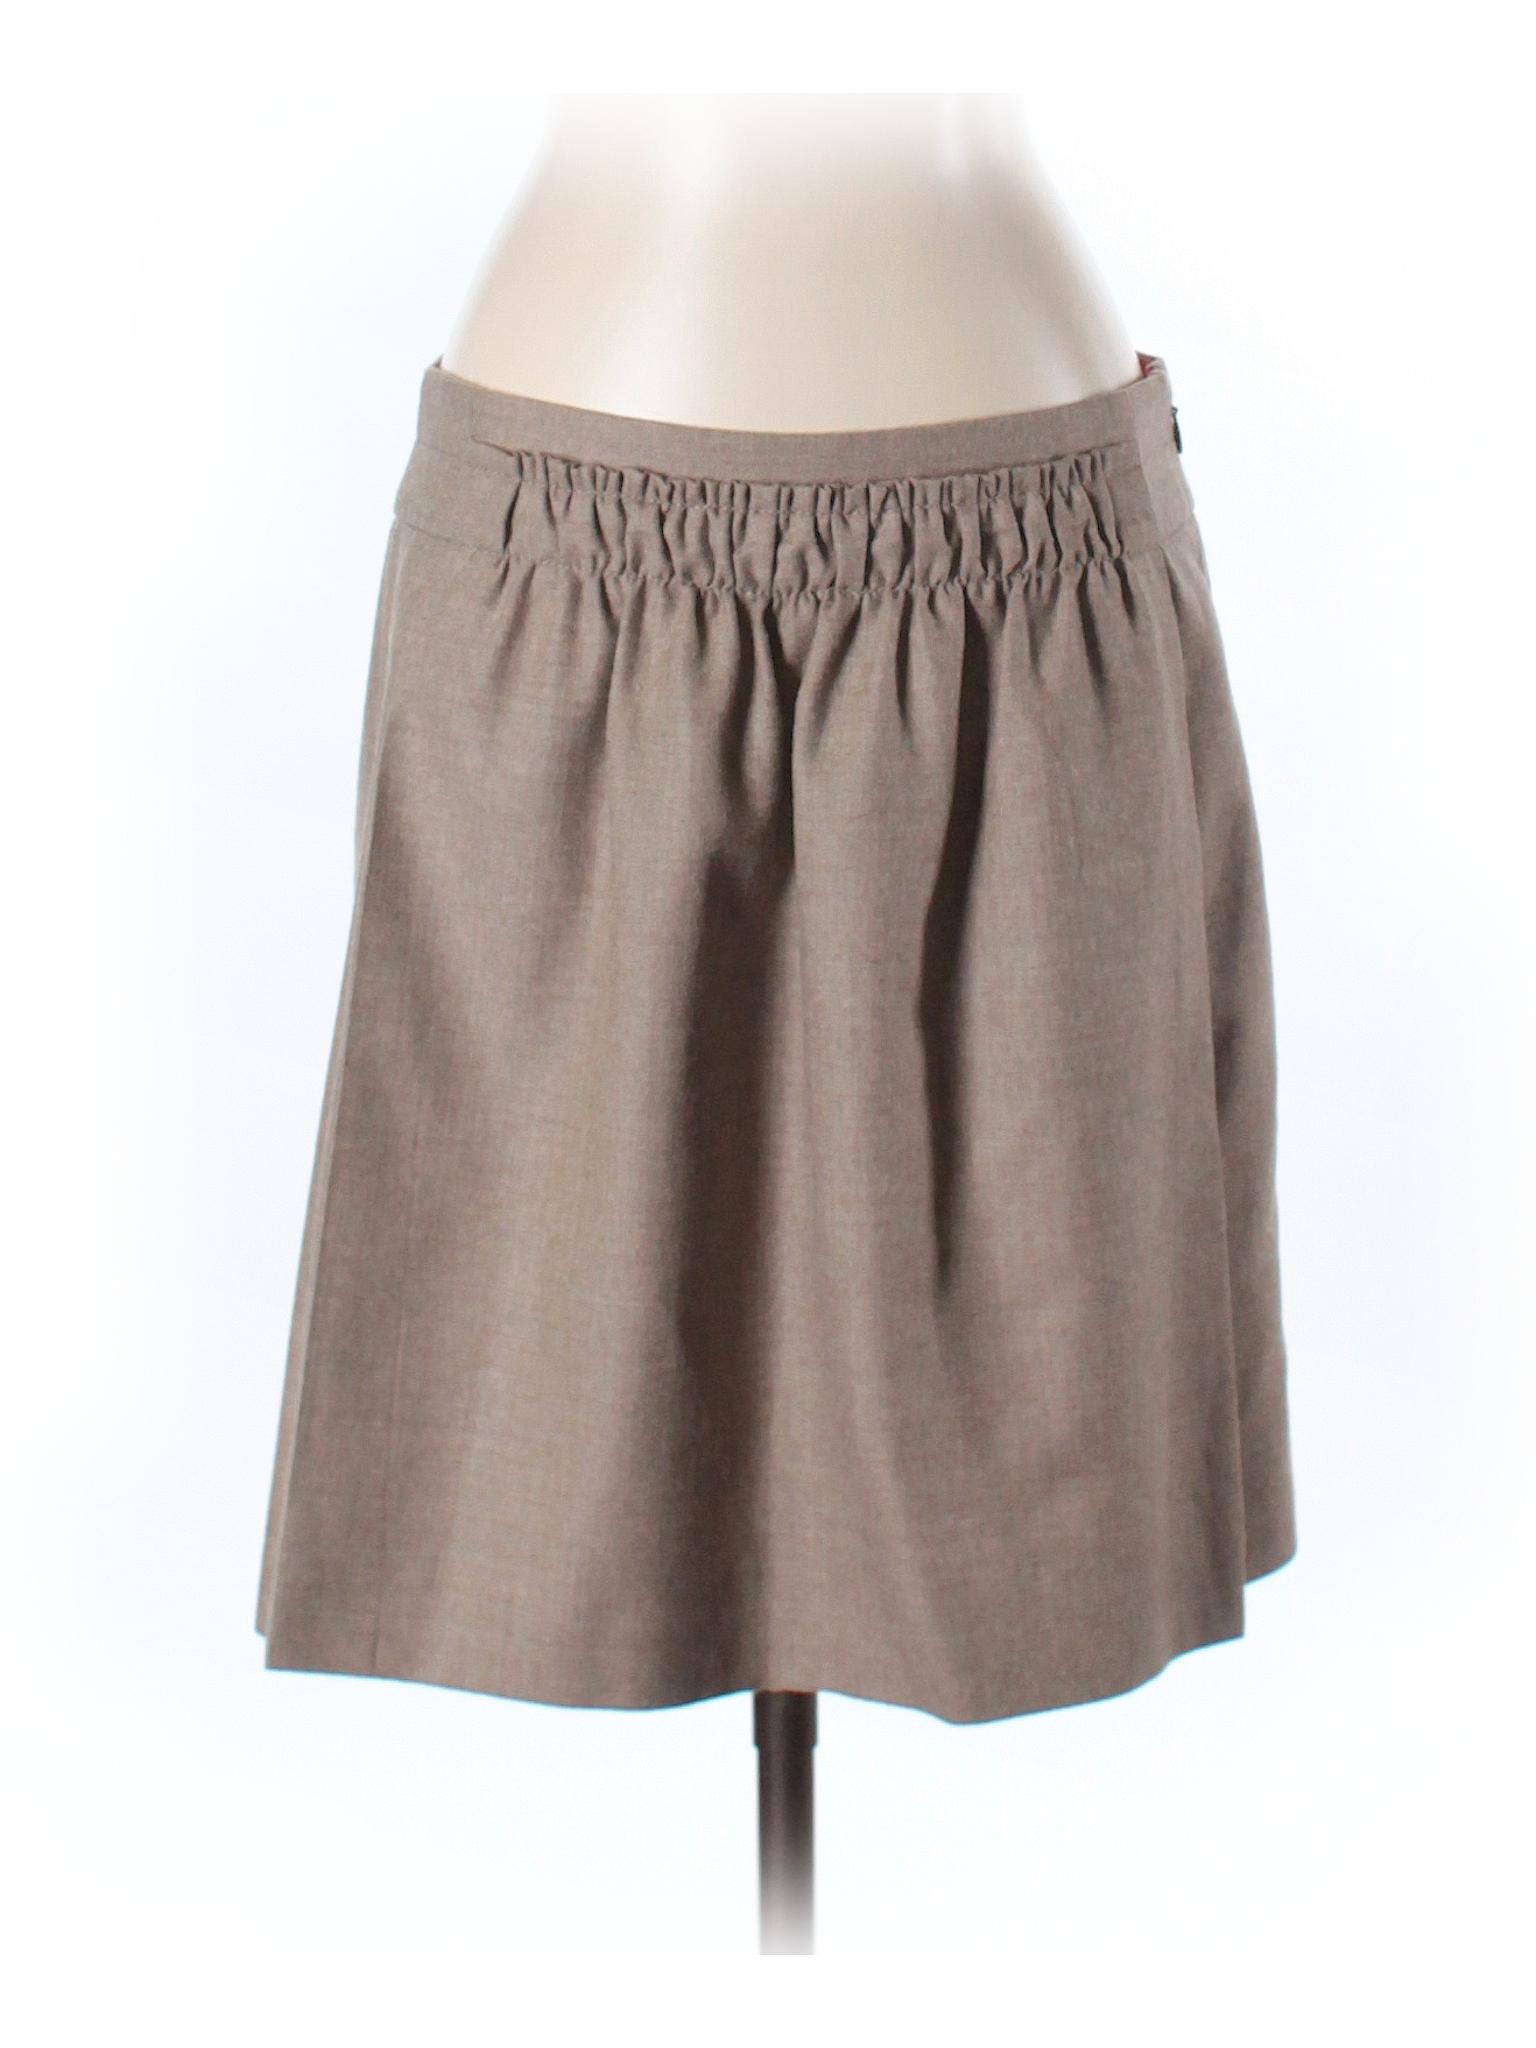 Wool Boutique Skirt Skirt Wool Boutique Boutique Wool OSdaxqFq